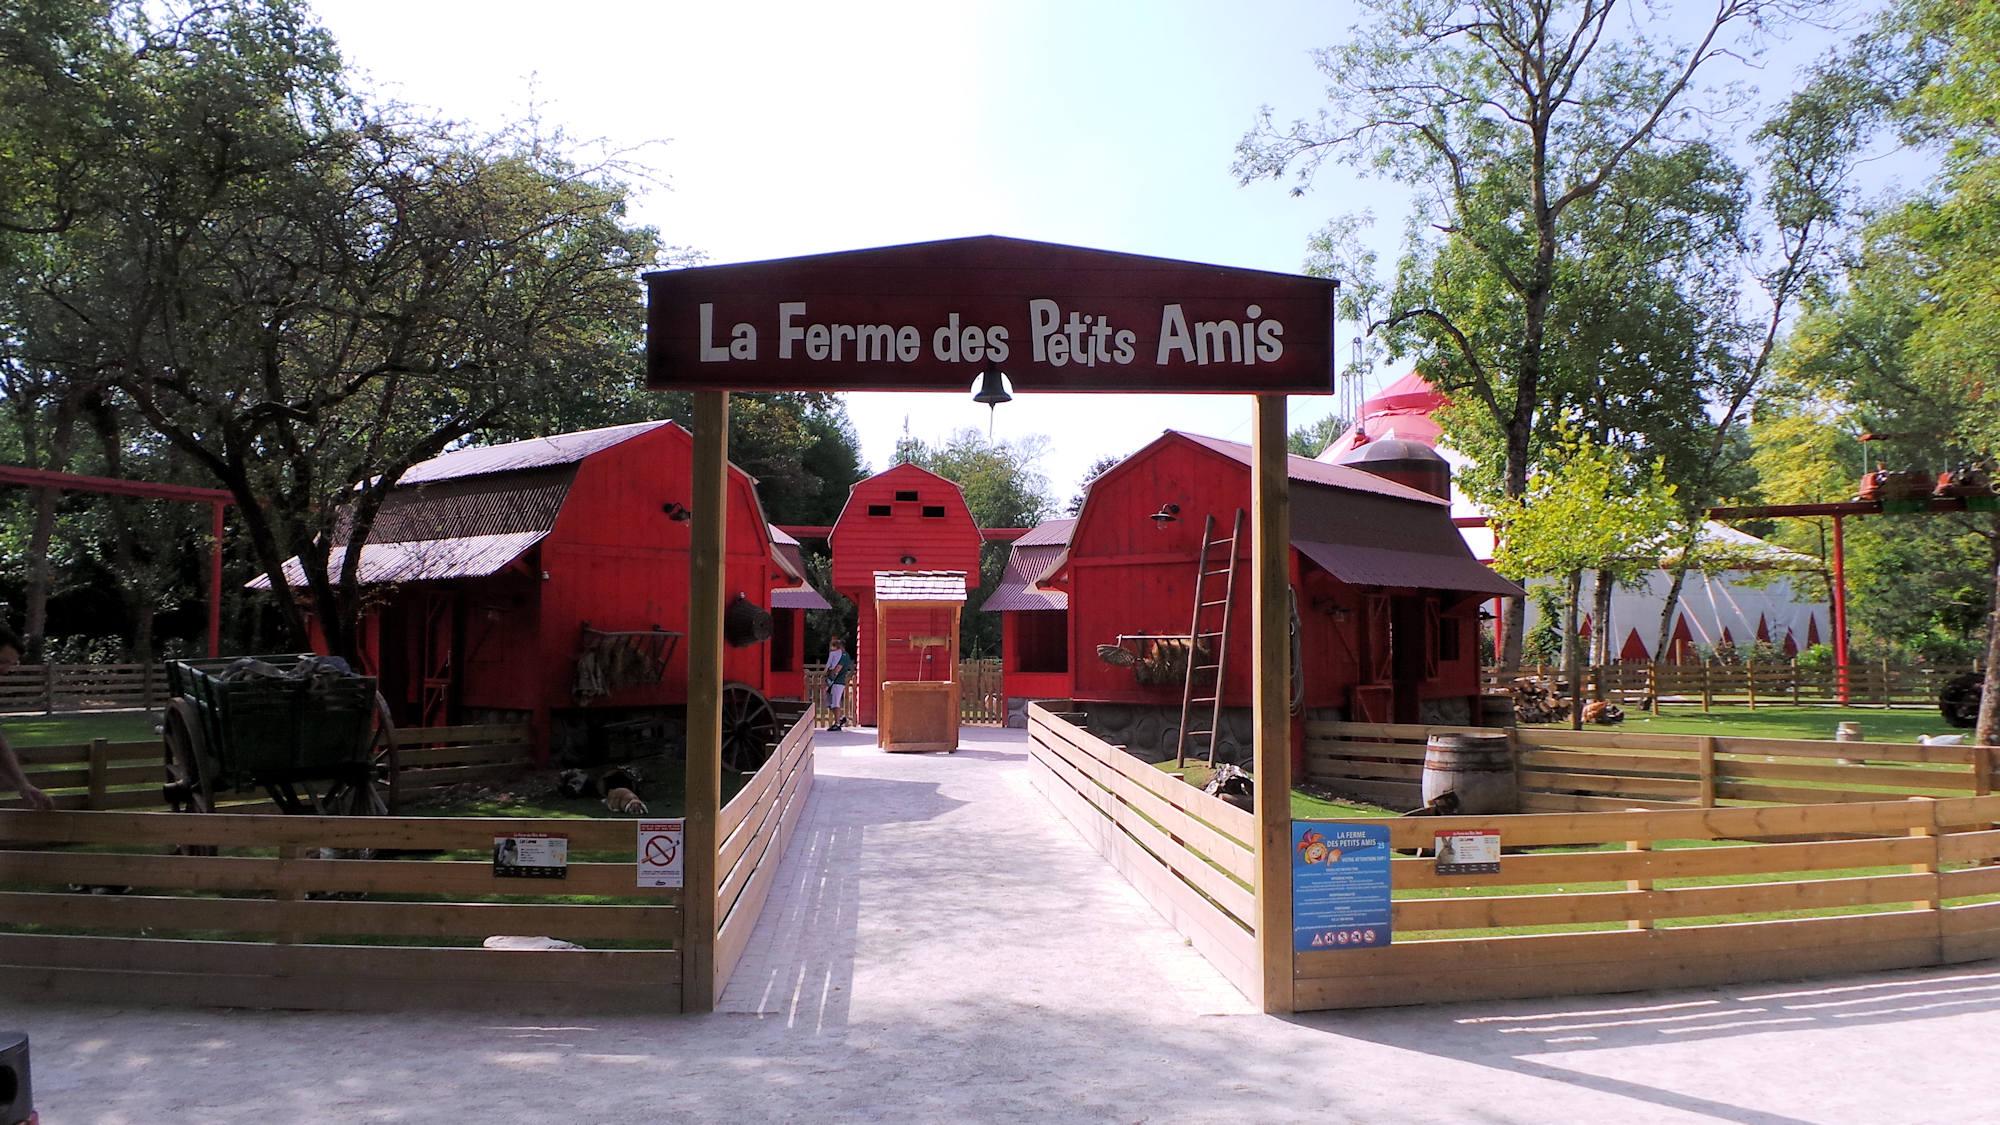 Parc Bagatelle La Ferme des Petits Amis